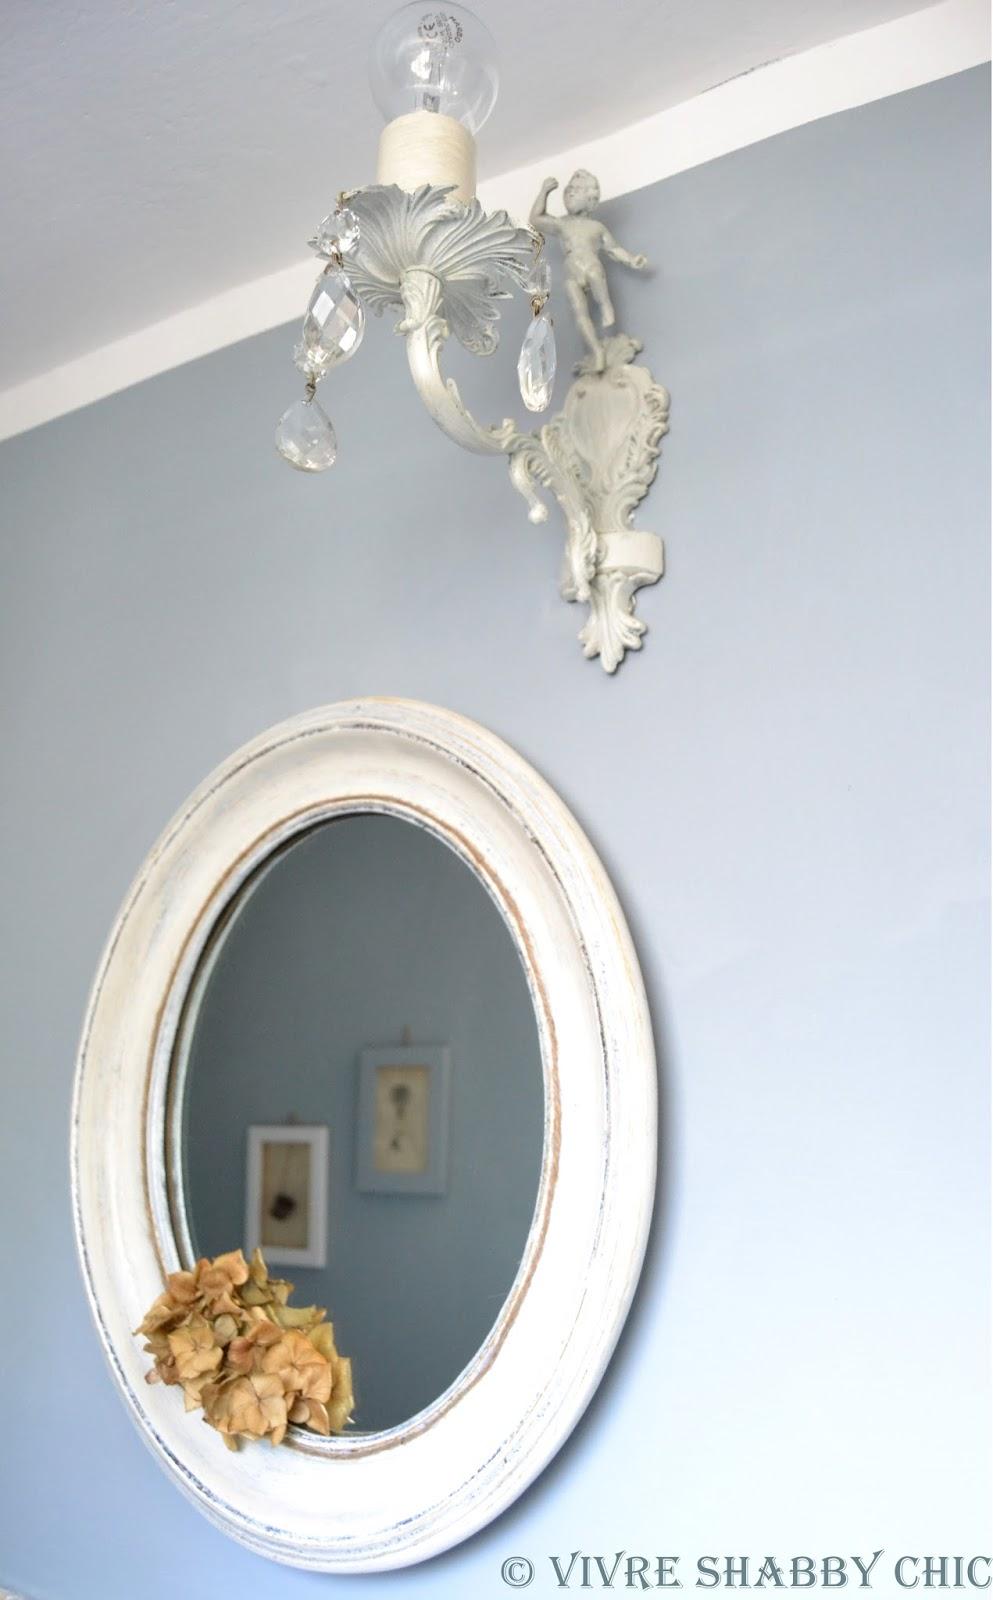 Vivre shabby chic un restyling facile e veloce per il bagno - Applique per il bagno ...